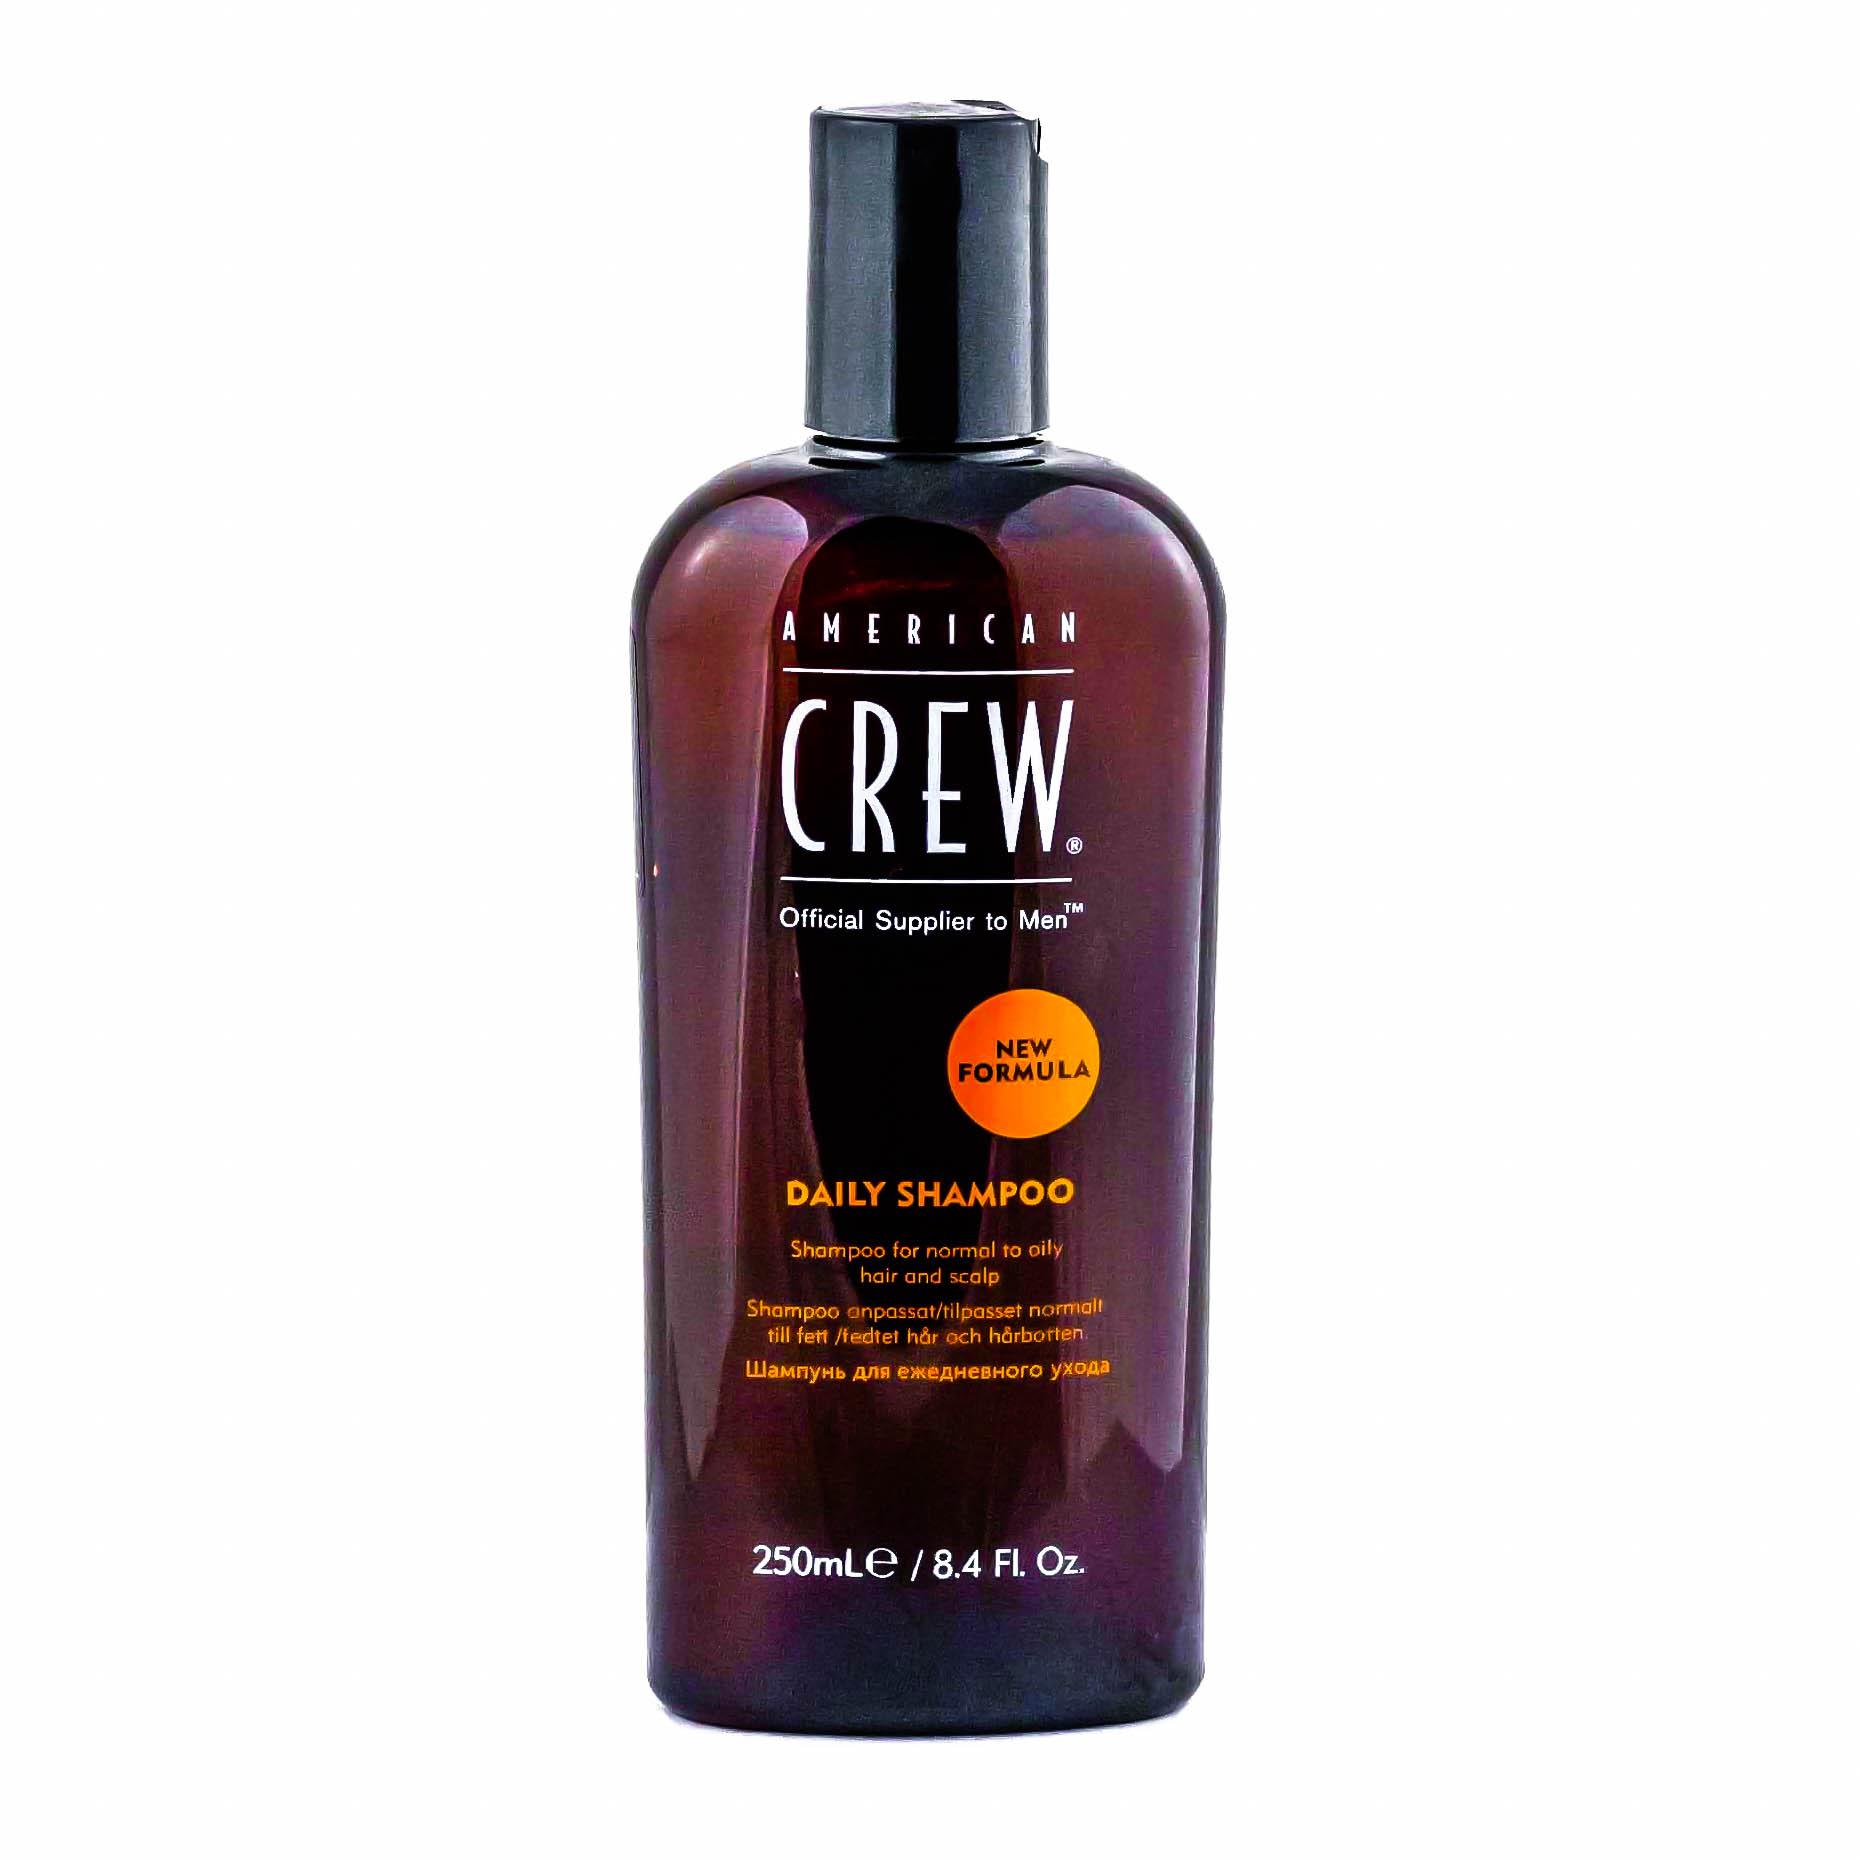 Фото - American Crew Шампунь для ежедневного ухода за волосами 250 мл (American Crew, Для тела и волос) american crew шампунь для ежедневного ухода за волосами 450 мл american crew для тела и волос